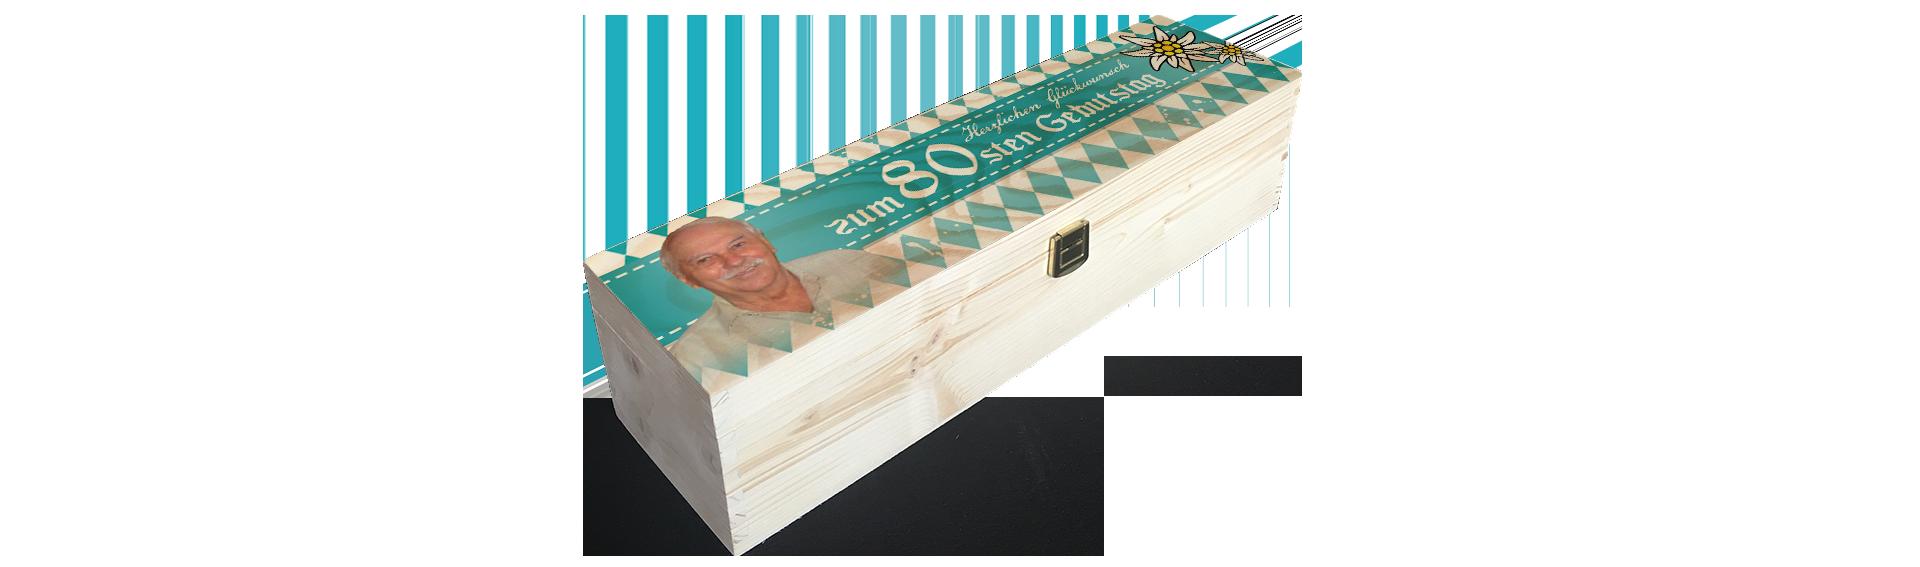 80ster Geburtstag | Holzkiste Weinkiste  bedruckt